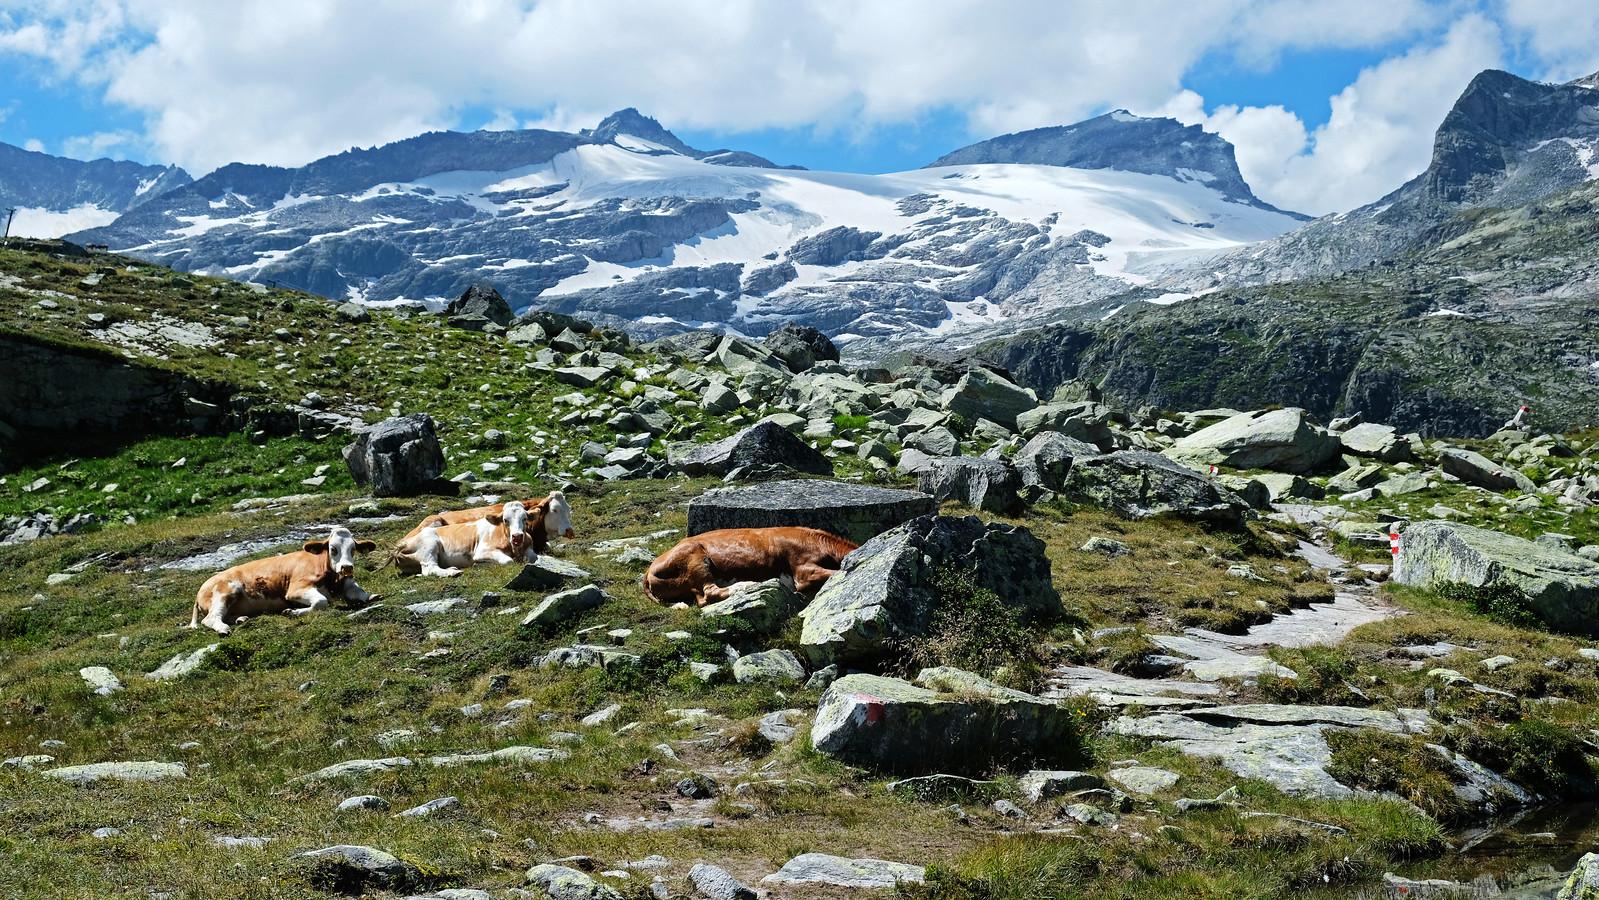 Weisssee Glacier World, Austria